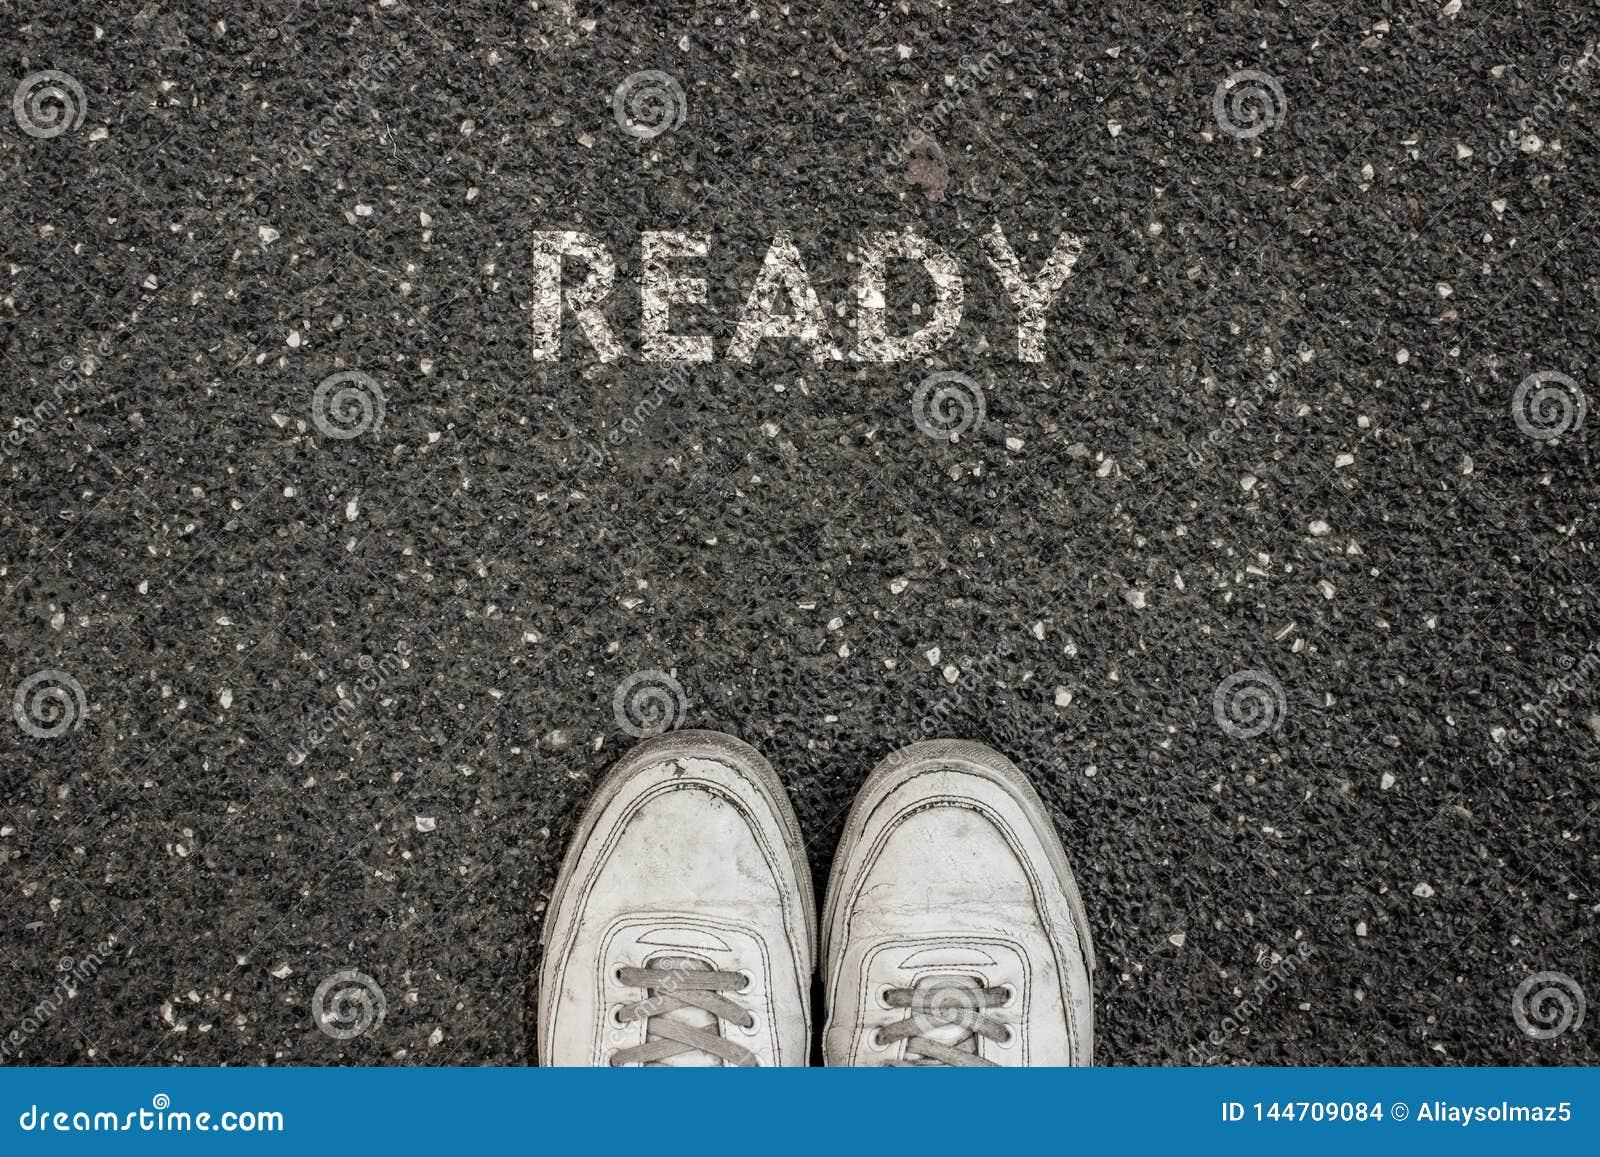 Nieuw het Levensconcept, Motievenslogan met Word KLAAR op grond van asfalt